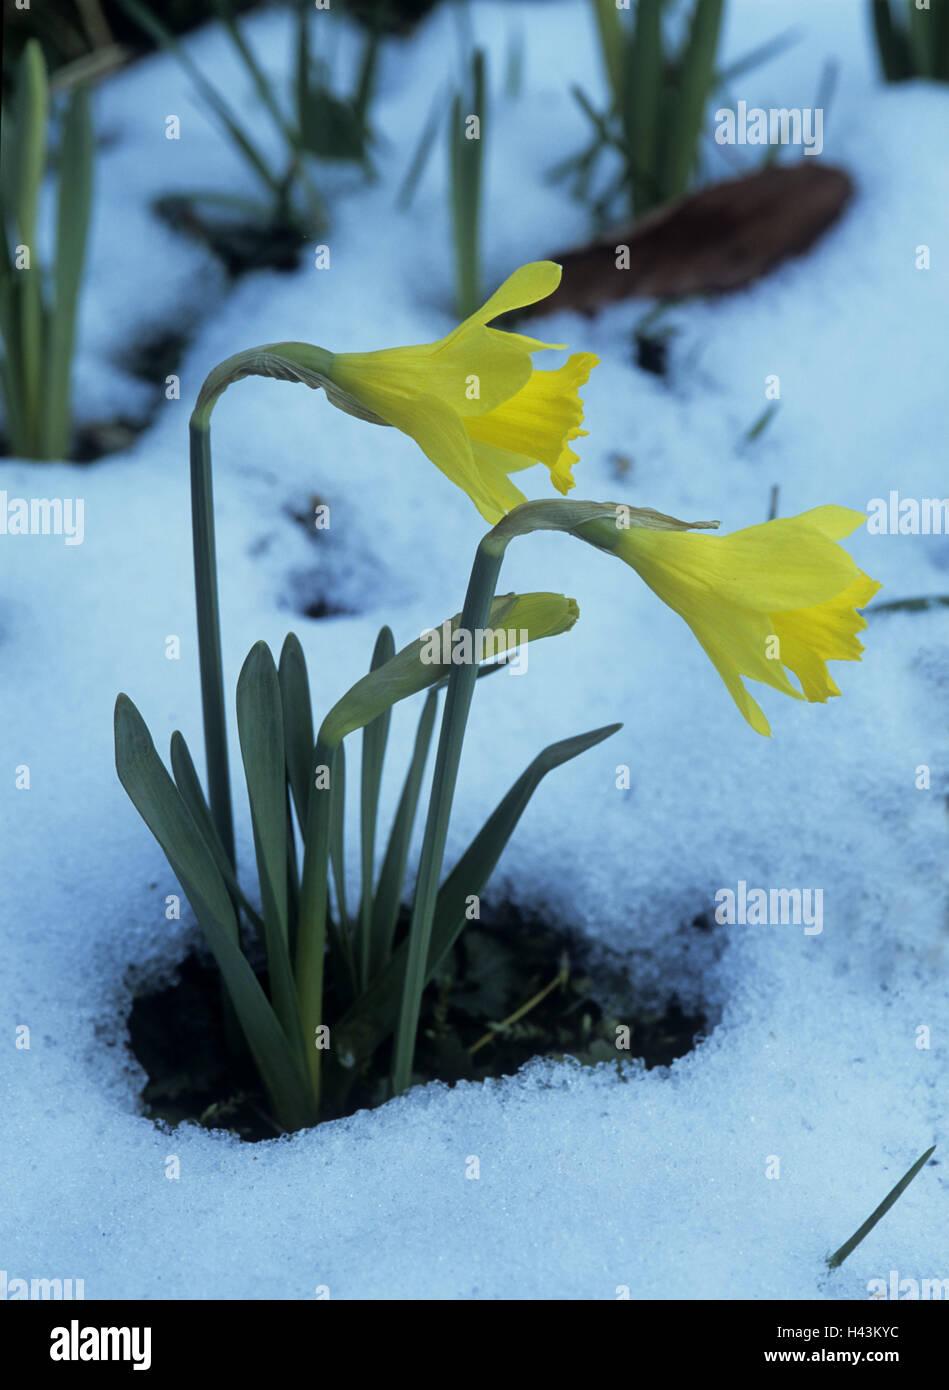 Garten Narzisse Blute Schnee Reste Pflanze Blumen Schnee